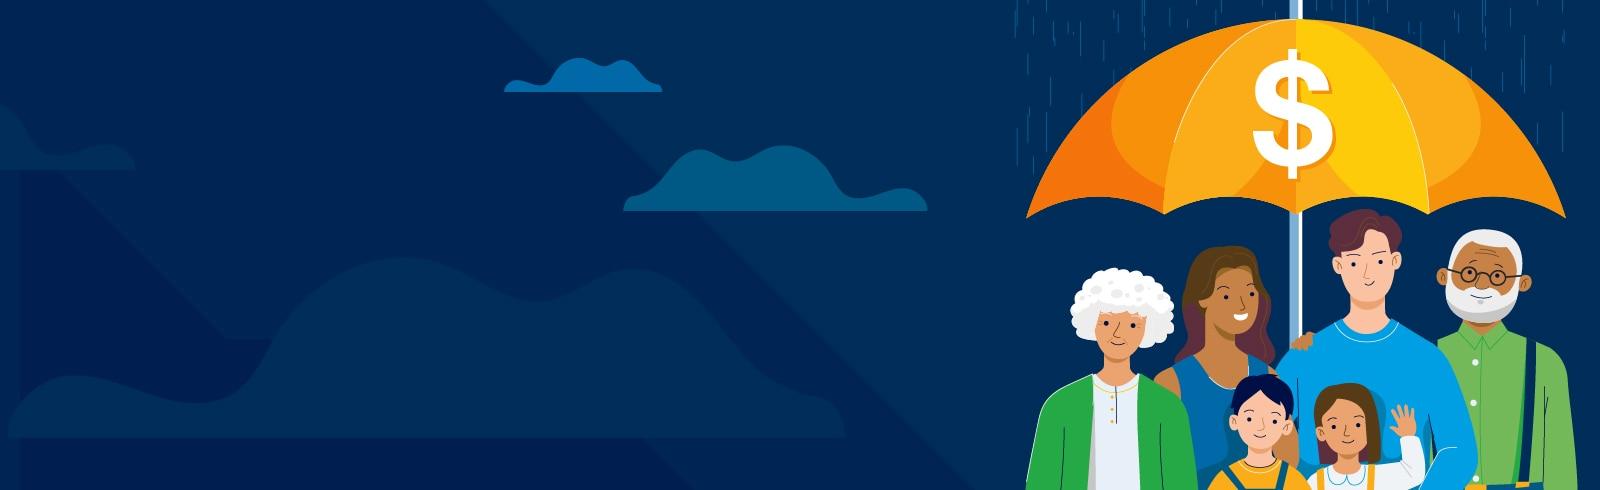 sg-umbrella-masthead-image